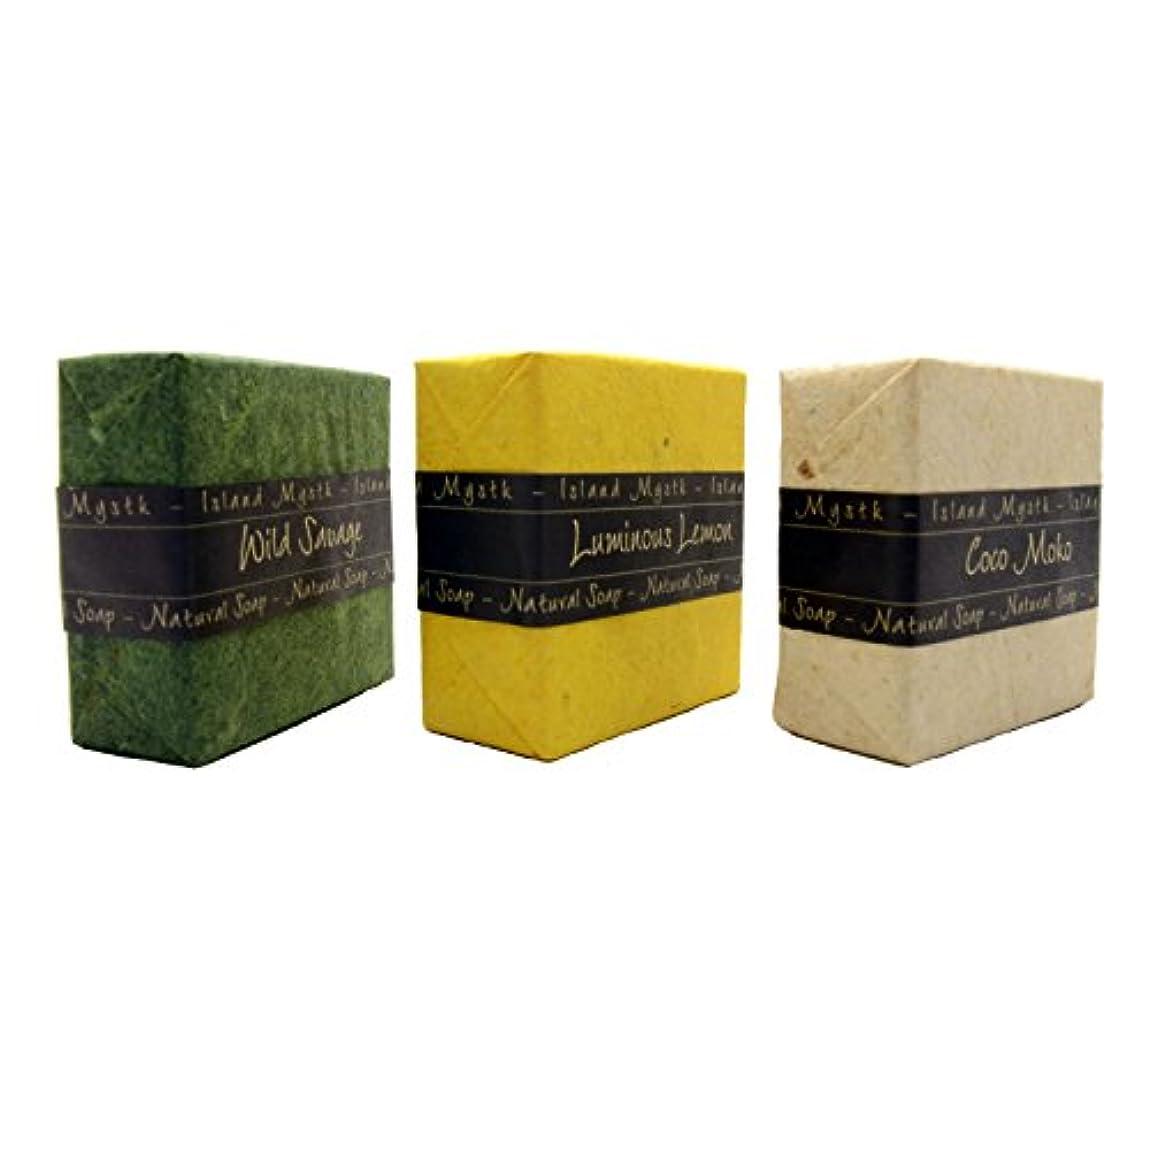 スパイ寺院サイバースペースアイランドミスティック 3個セット 緑黄白 115g×3 ココナッツ石鹸 バリ島 Island Mystk 天然素材100% 無添加 オーガニック